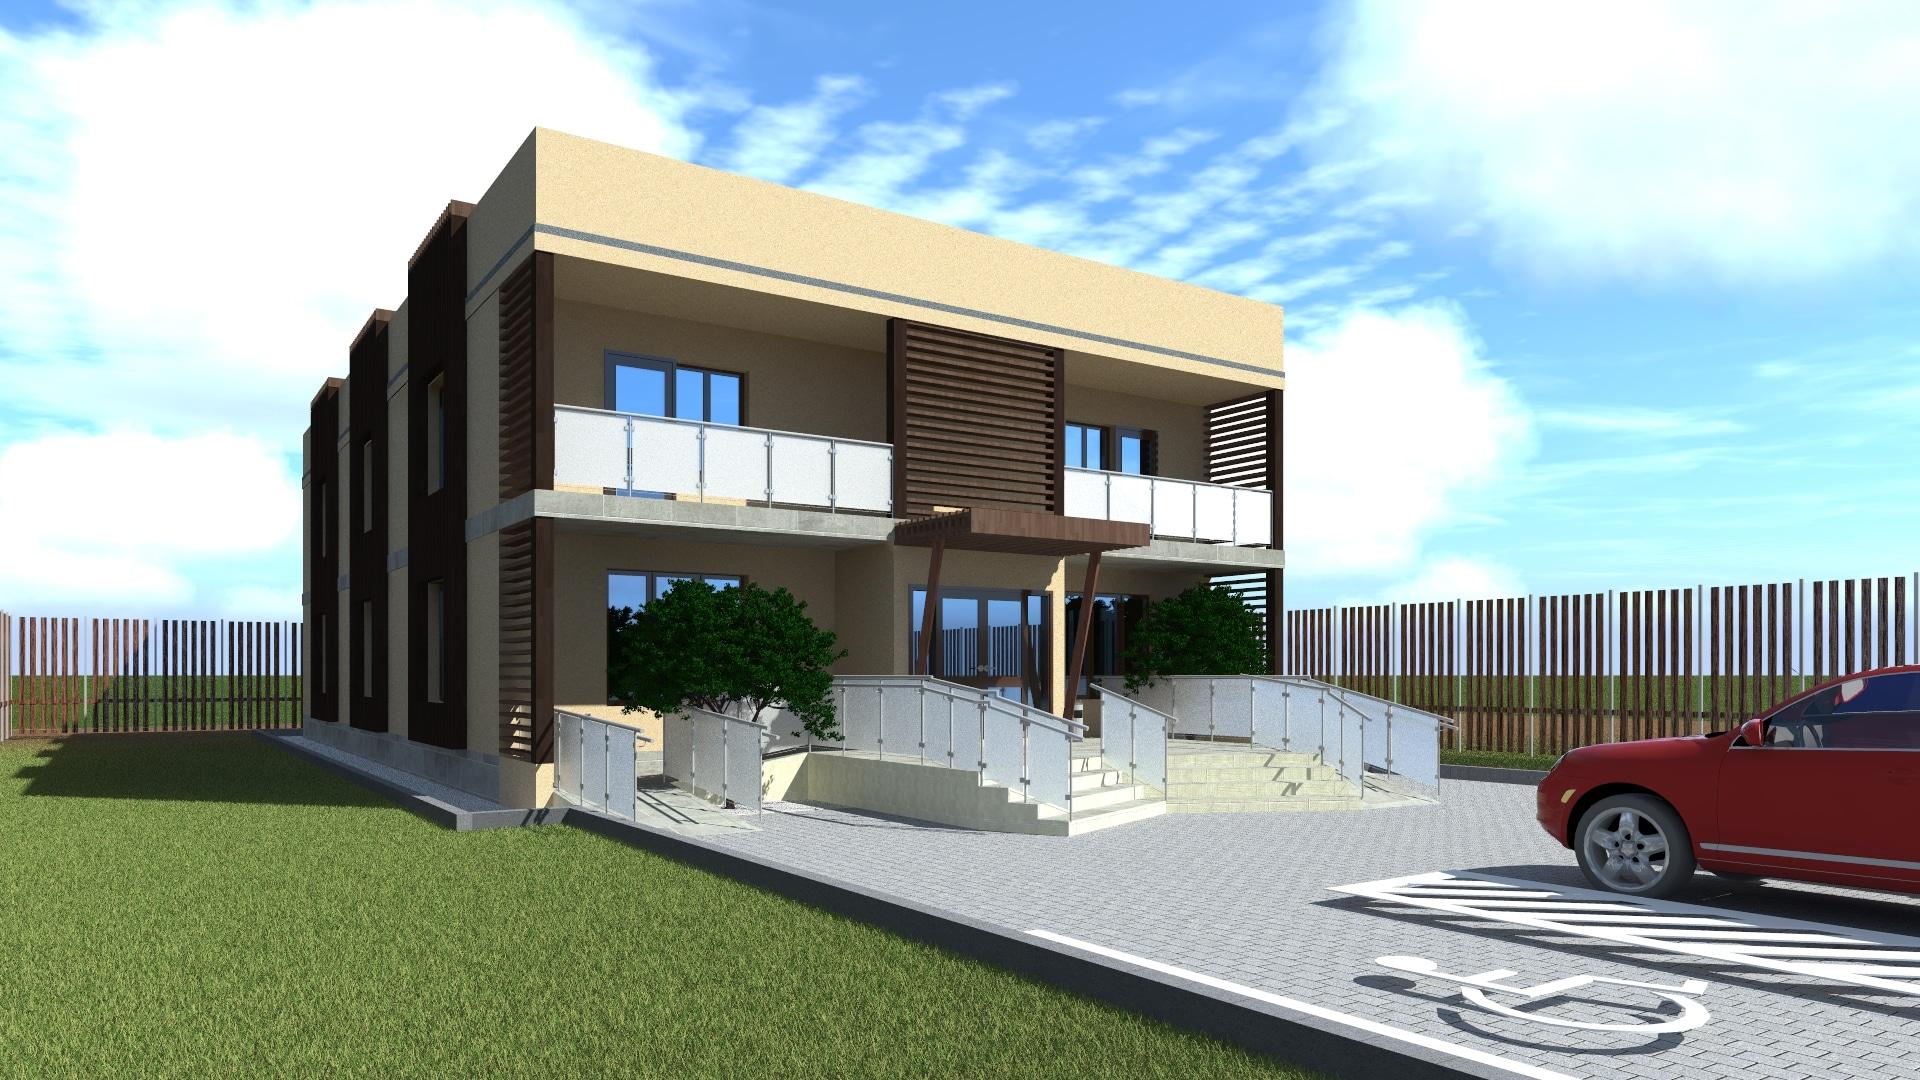 Строительство офисного здания на 481 квадратный метр по каркасной технологии.